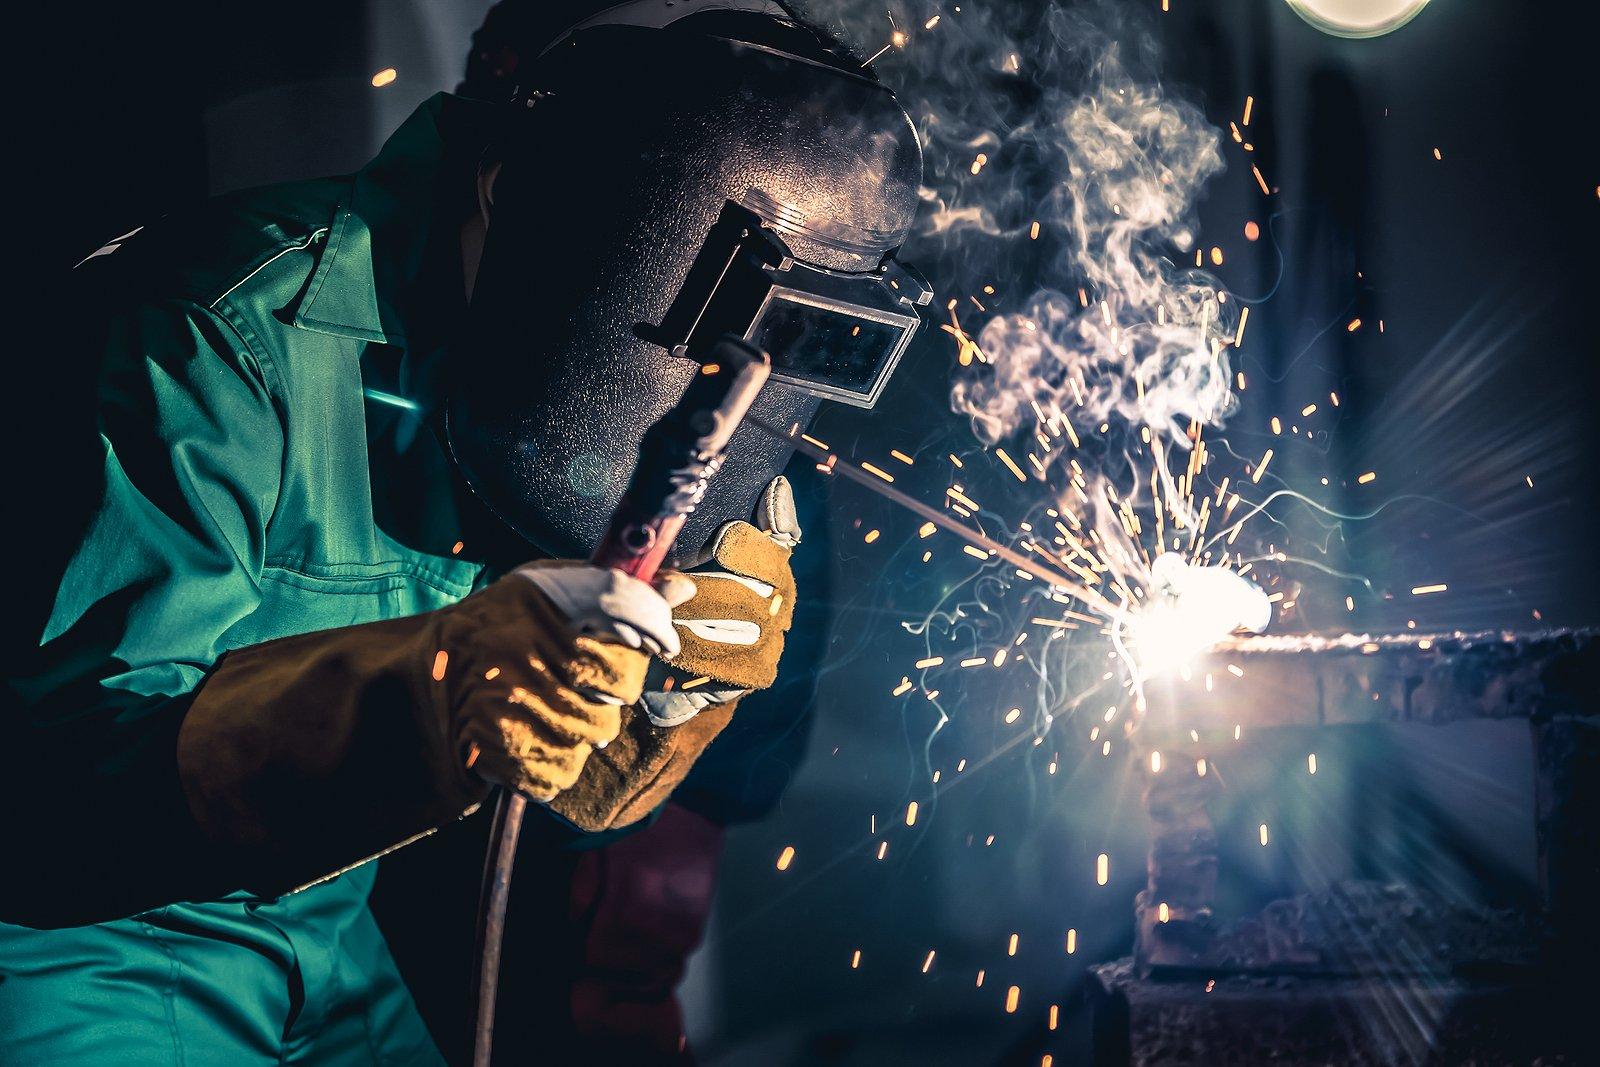 bigstock-Metal-Welding-Steel-Works-Usin-388231687